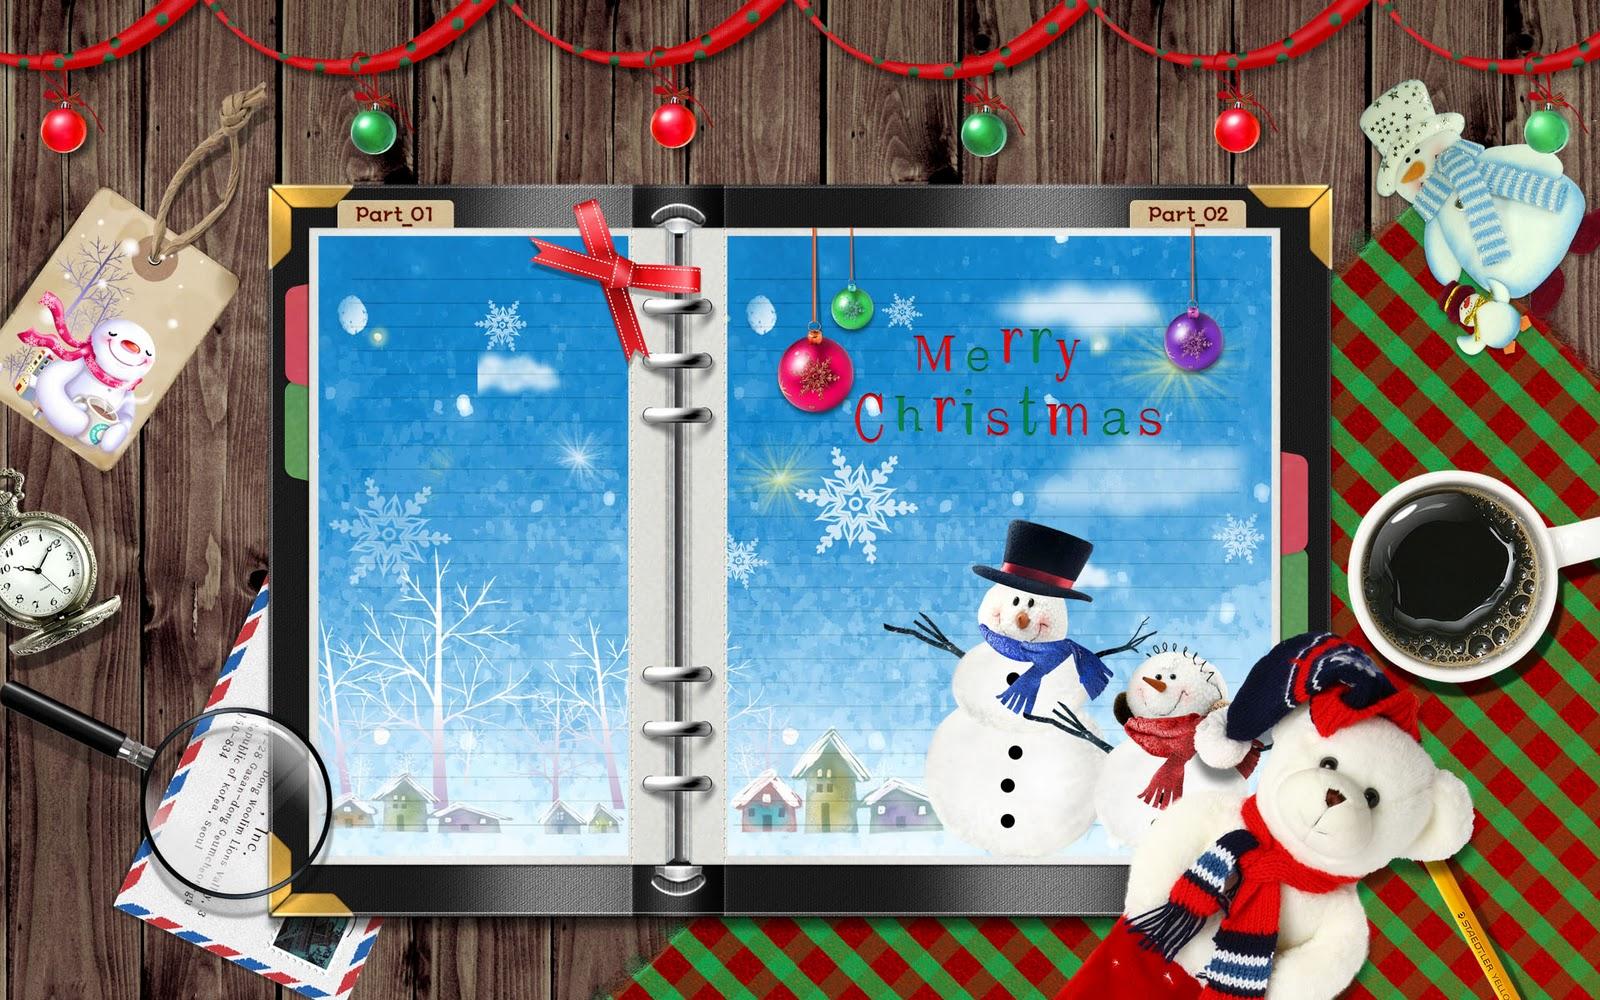 http://3.bp.blogspot.com/-DKTDO68dvUo/TupW_jUBGzI/AAAAAAAAAvU/TdD35mhTCGI/s1600/Christmas_wallpapers_Christmas_Desk_011495_.jpg